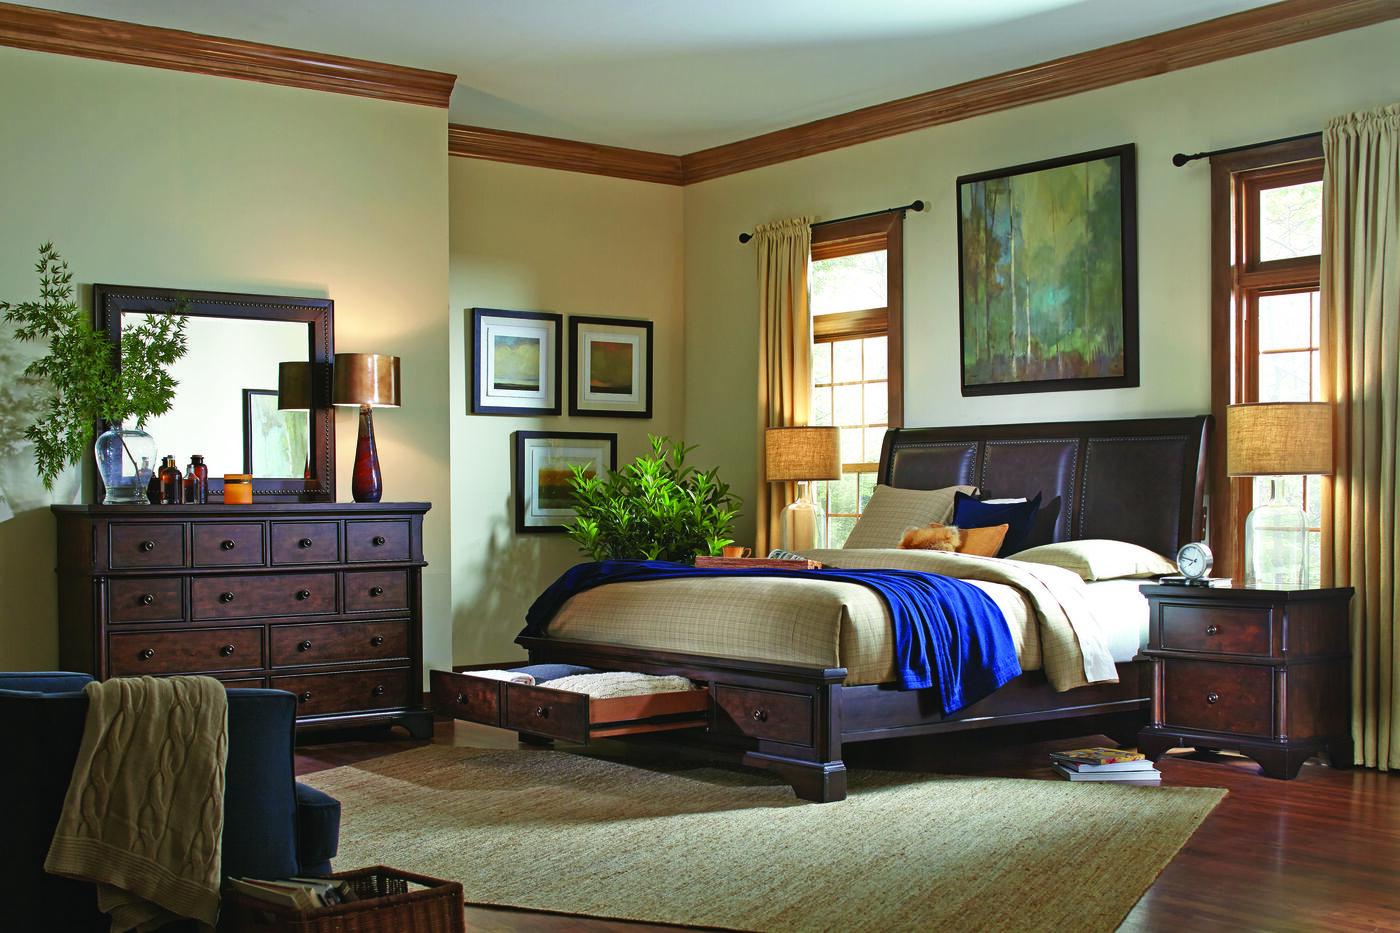 aspen bancroft bed mathis brothers furniture. Black Bedroom Furniture Sets. Home Design Ideas